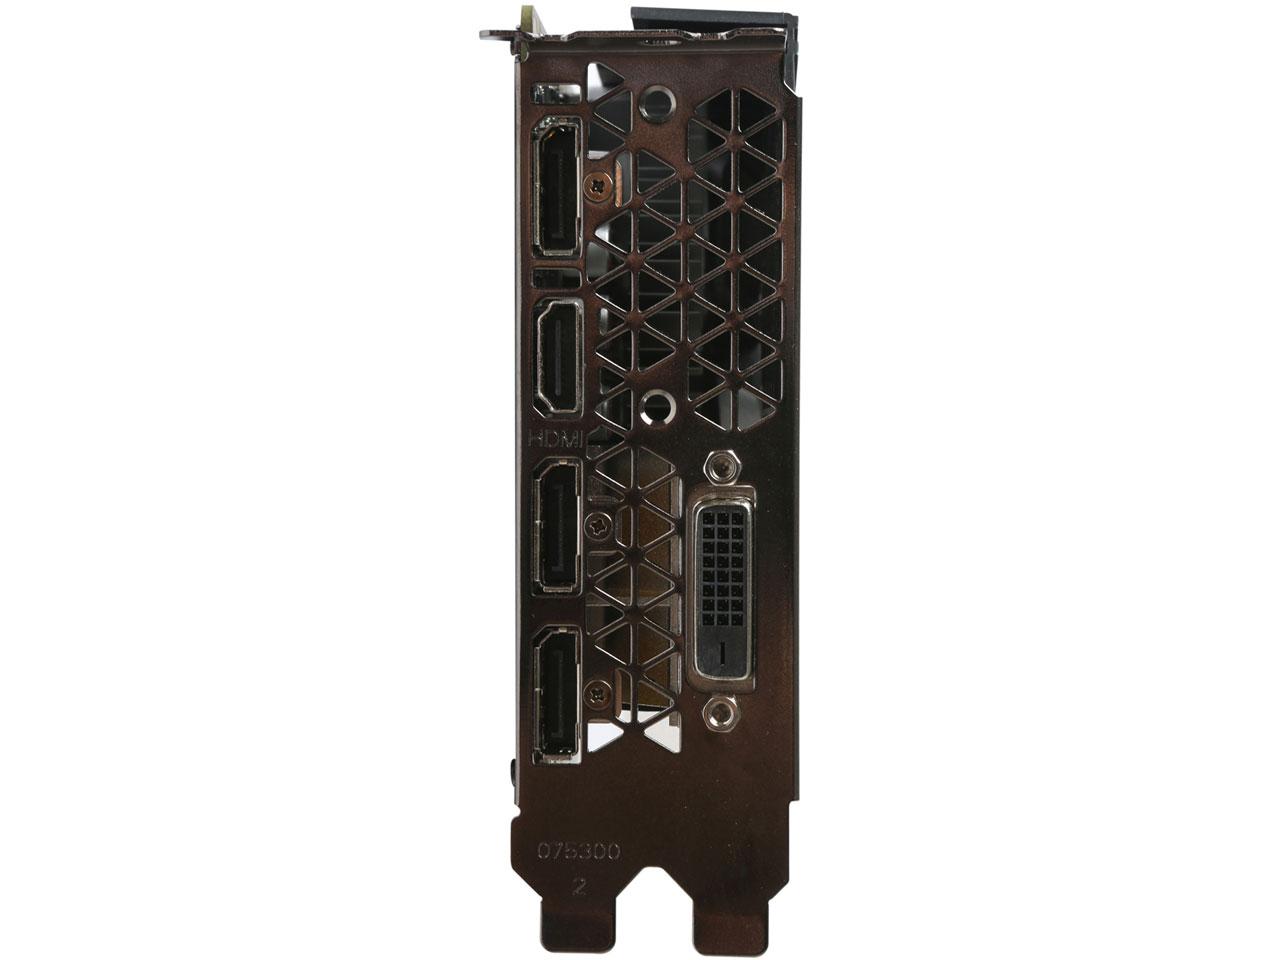 『本体 接続部分』 ZOTAC GeForce GTX 1060 6GB Single Fan ZT-P10600A-10L [PCIExp 6GB] の製品画像